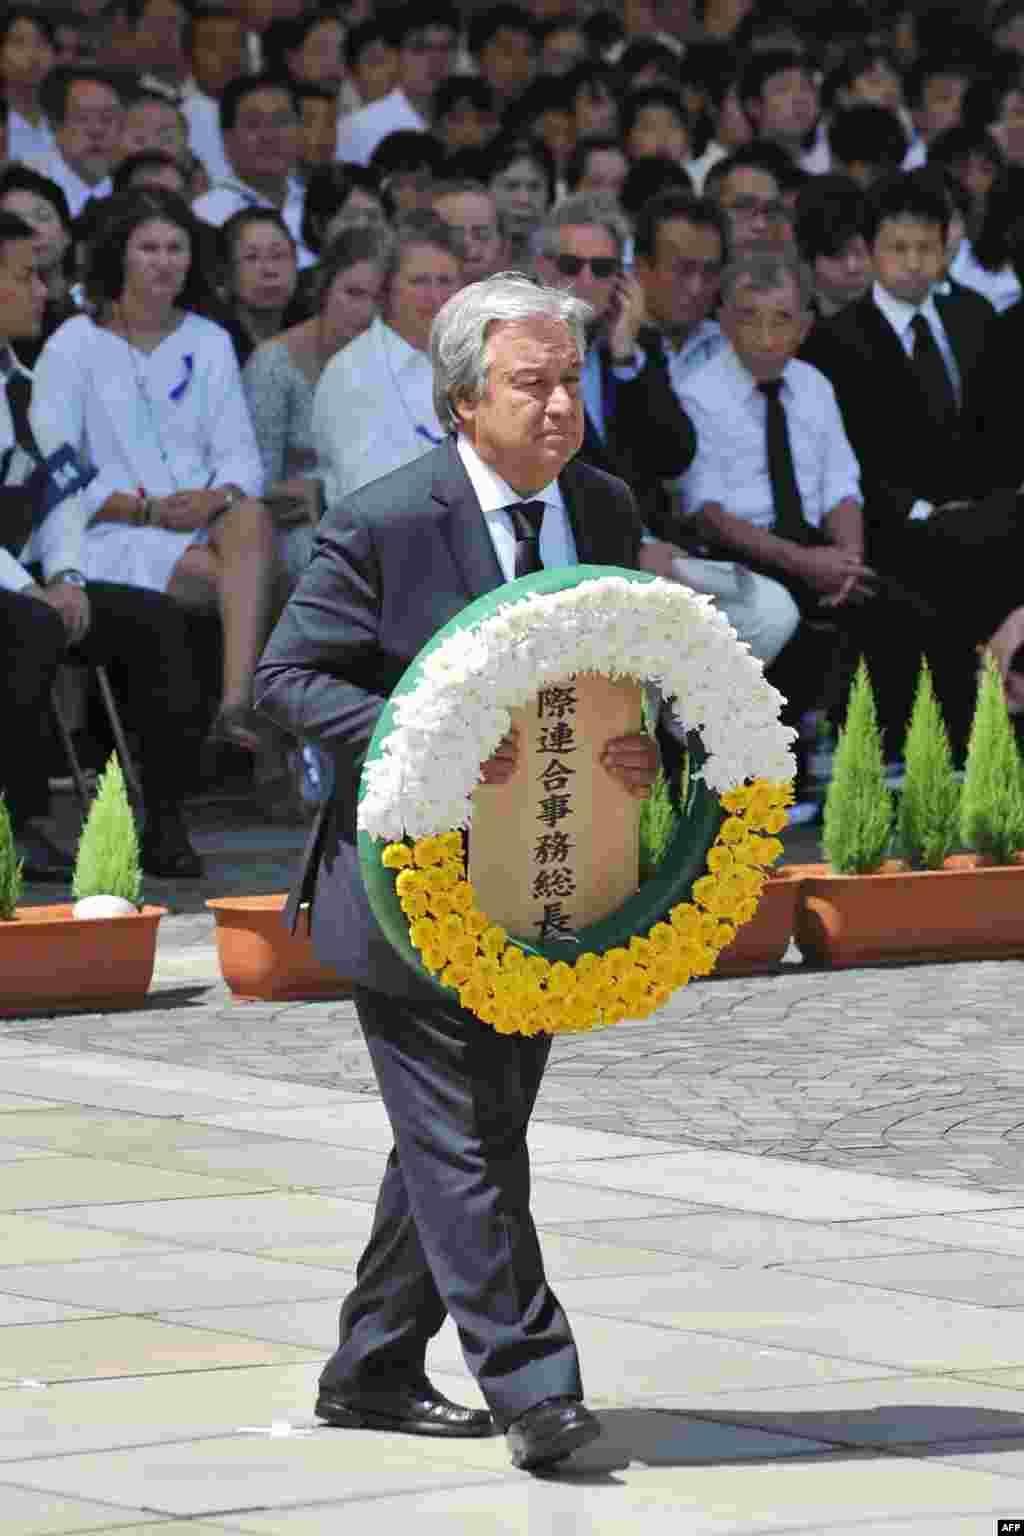 حضور آنتونیو گوترش دبیرکل سازمان ملل در مراسم هفتاد و سومین سالگرد بمباران اتمی ژاپن در پارک یادبود صلح ناکازاکی